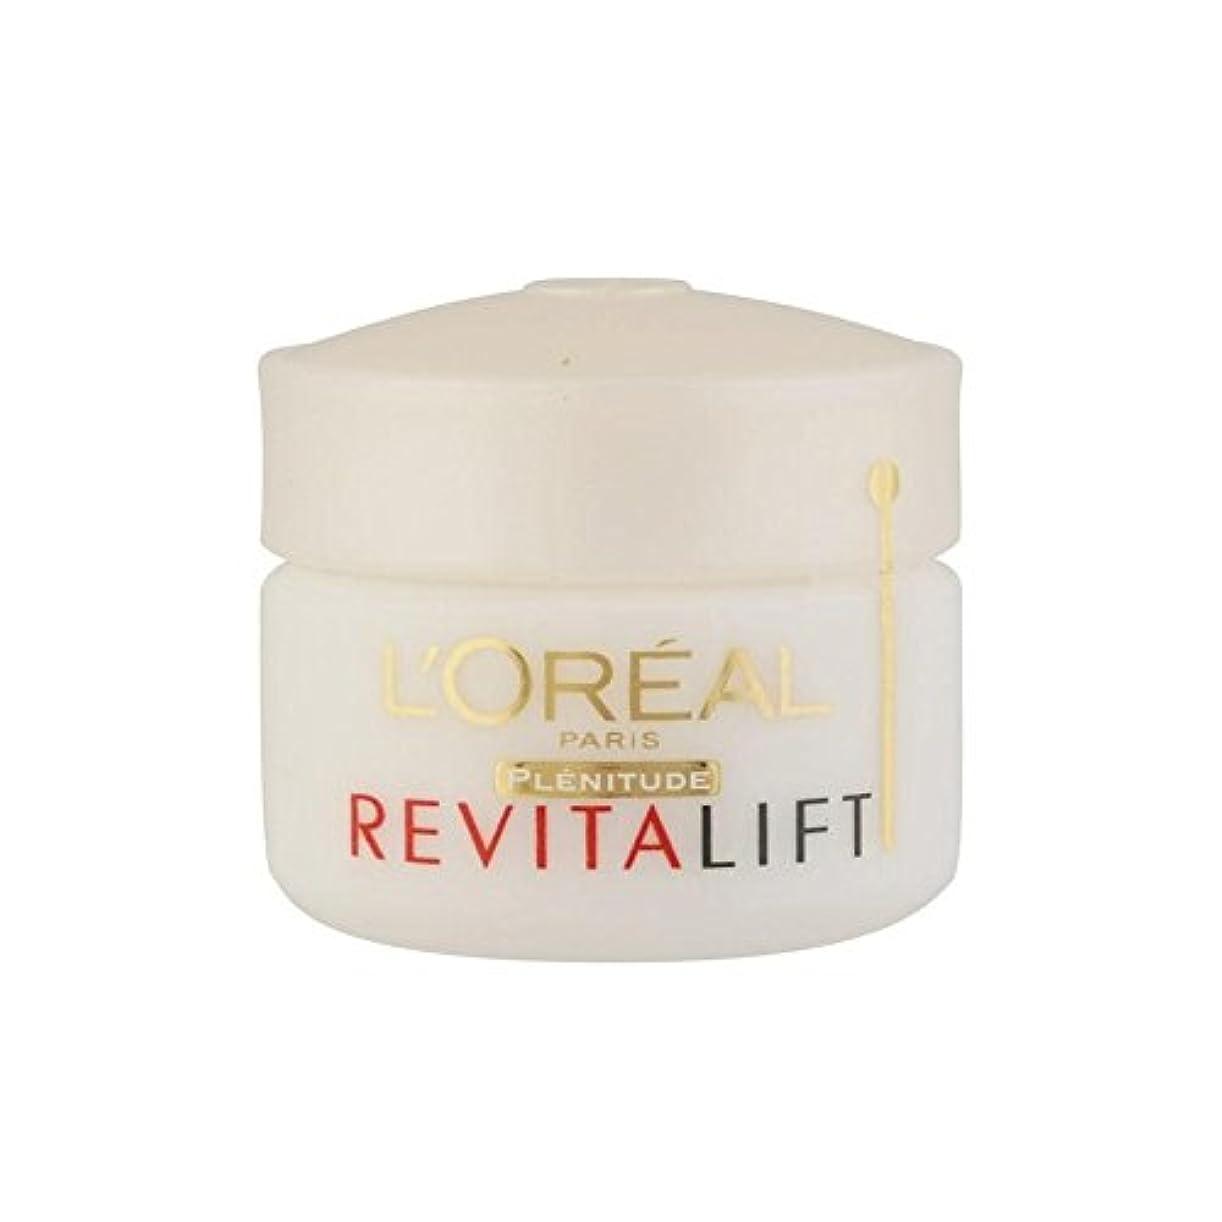 誇張する変換するスクラブロレアルパリ?ダーモ専門知識の抗しわ+ファーミングアイクリーム(15ミリリットル) x4 - L'Oreal Paris Dermo Expertise Revitalift Anti-Wrinkle + Firming Eye Cream (15ml) (Pack of 4) [並行輸入品]